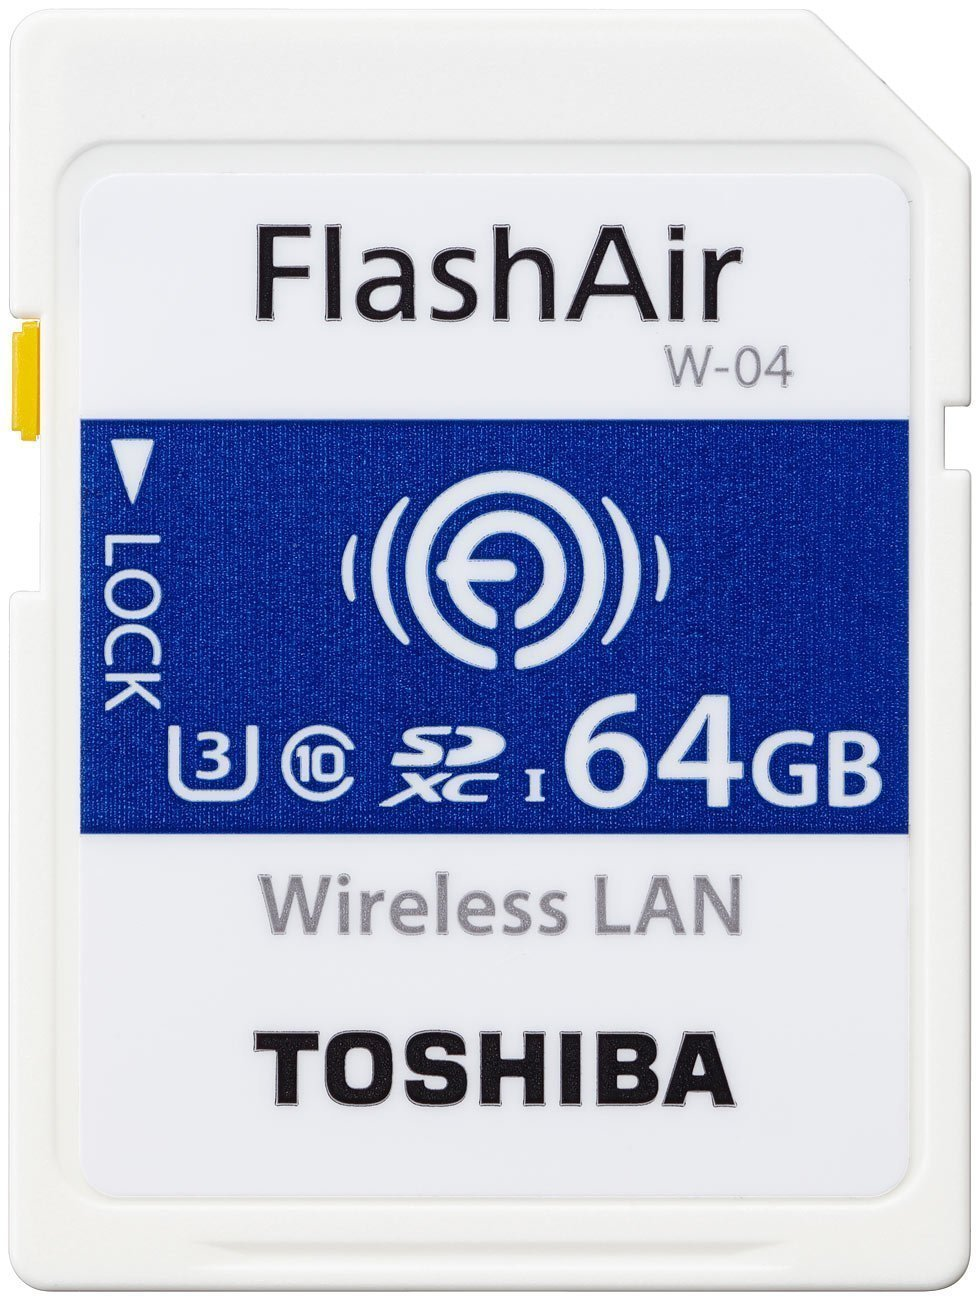 Toshiba FlashAir W-04 64 GB SDXC Class 10 Memory Card by Toshiba